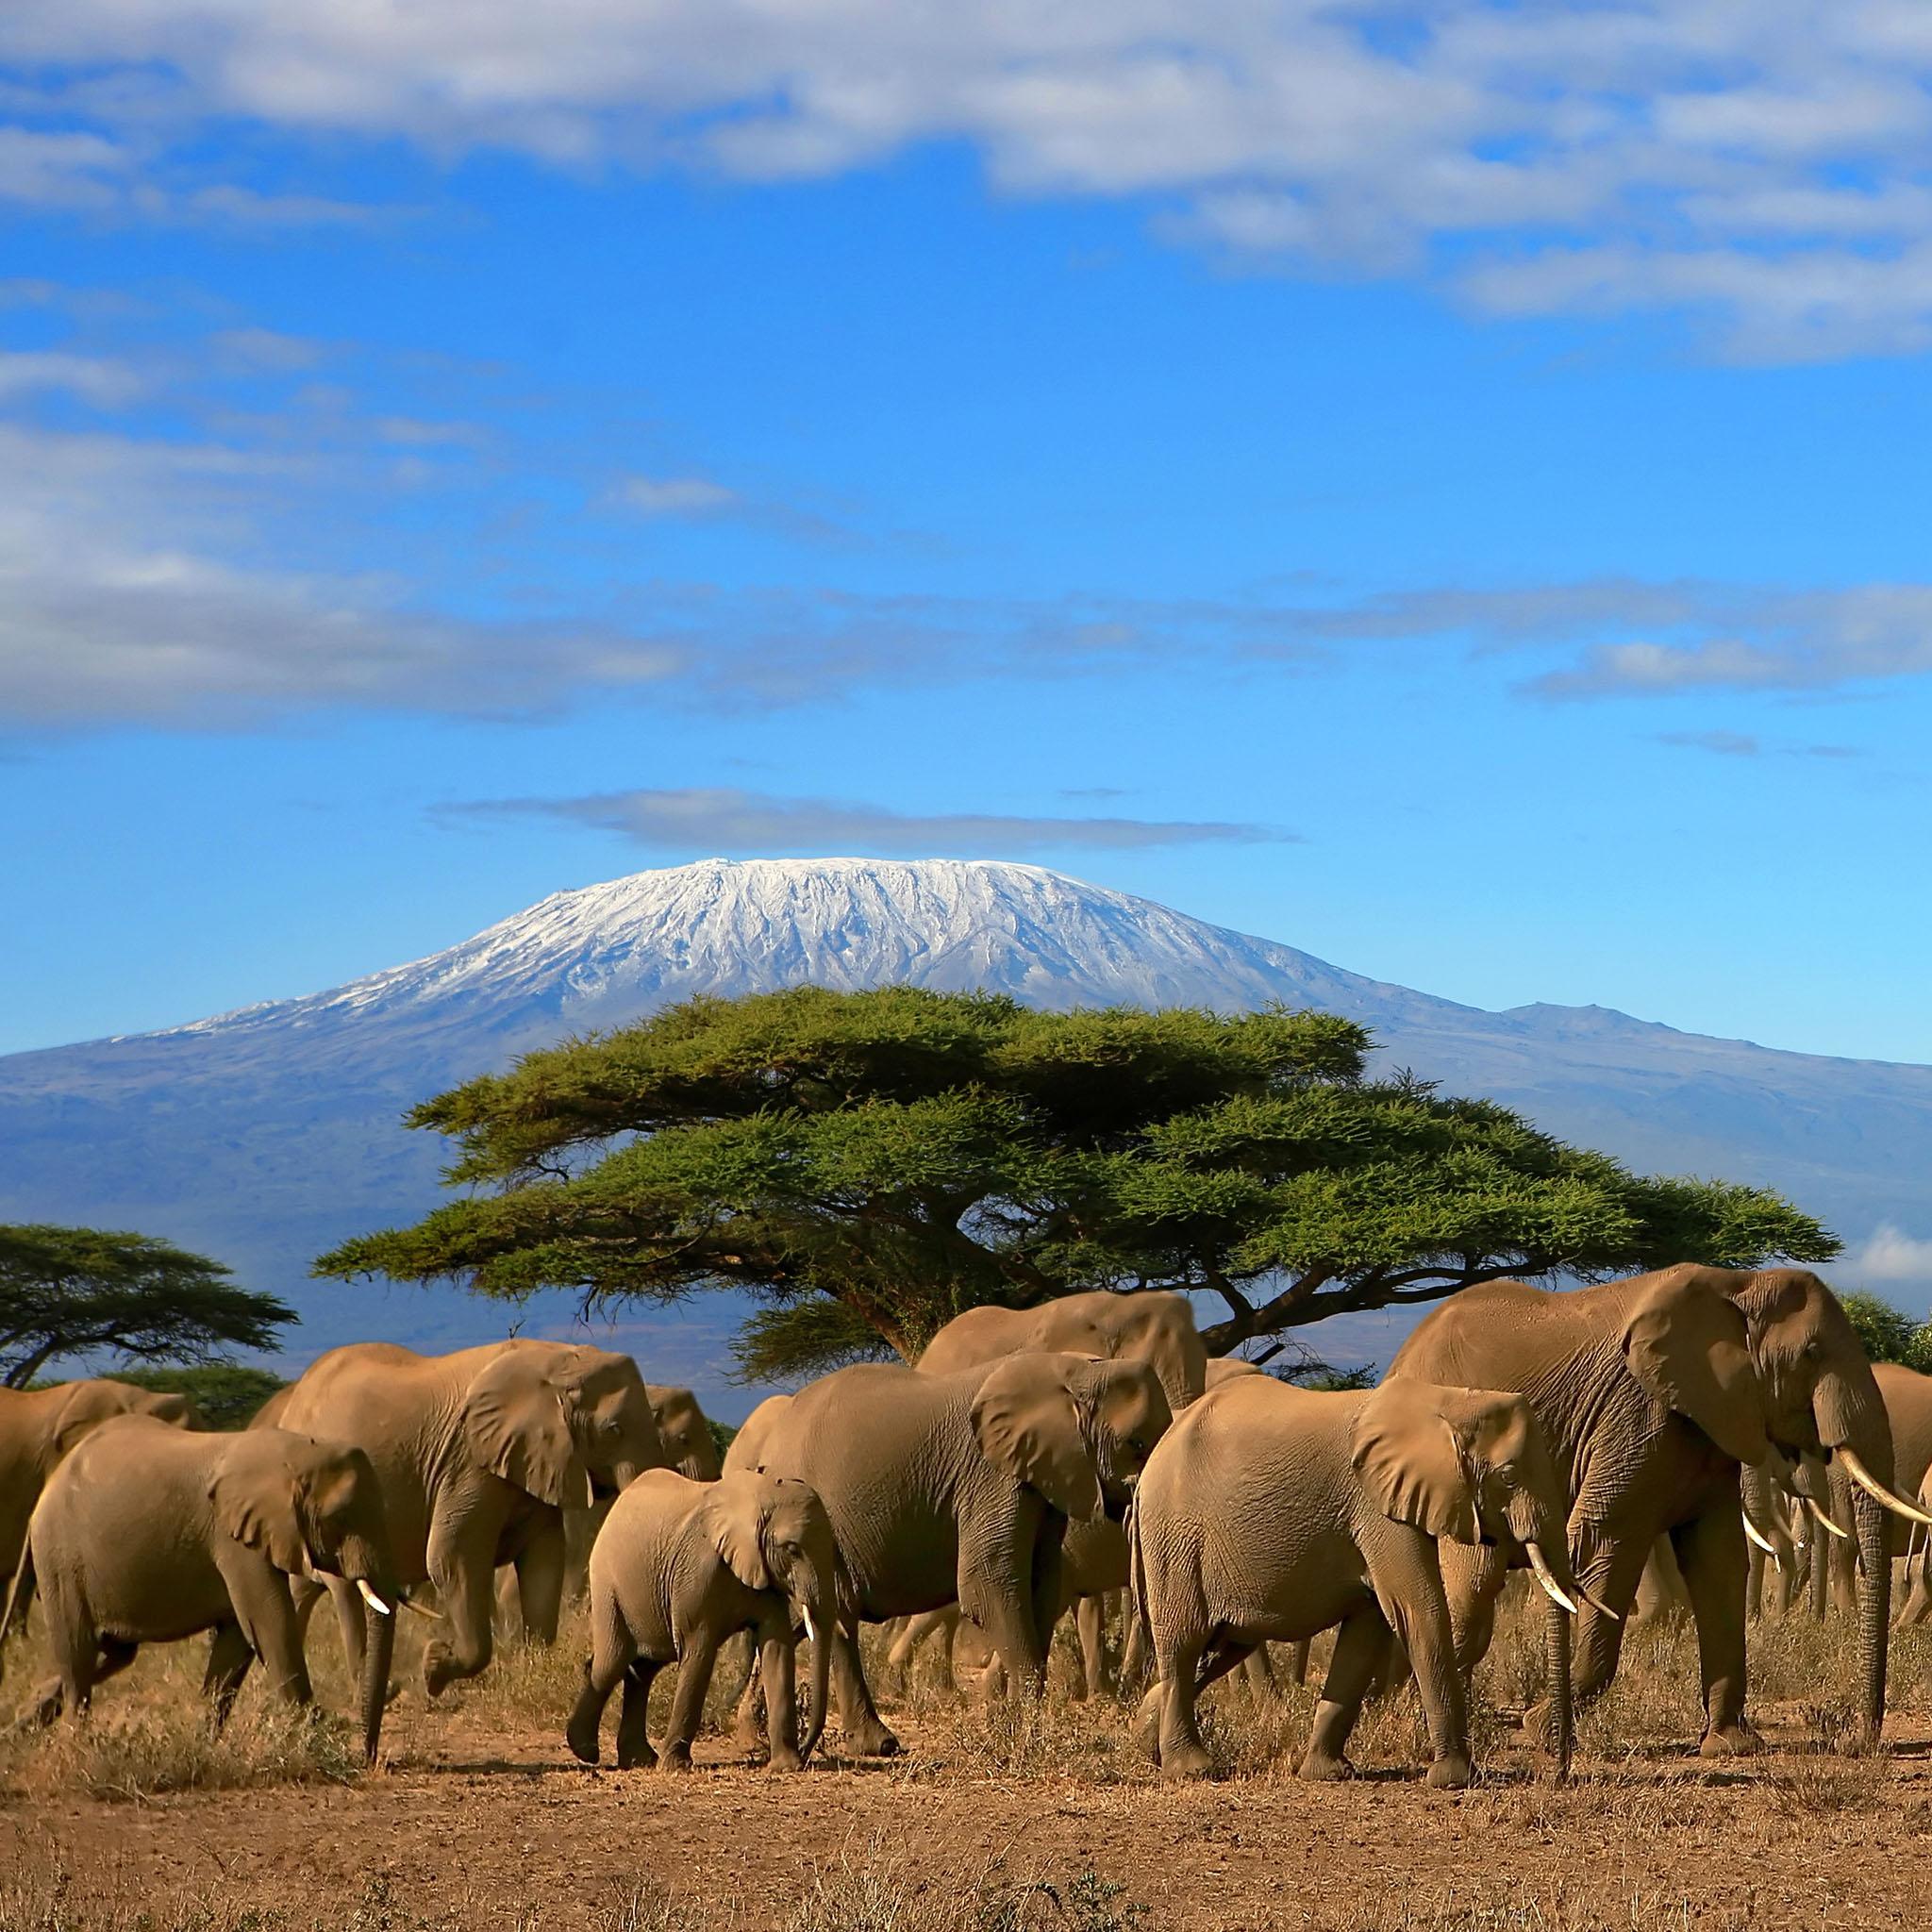 Mount-Kilimanjaro-And-Elephant-Herd-Kenya